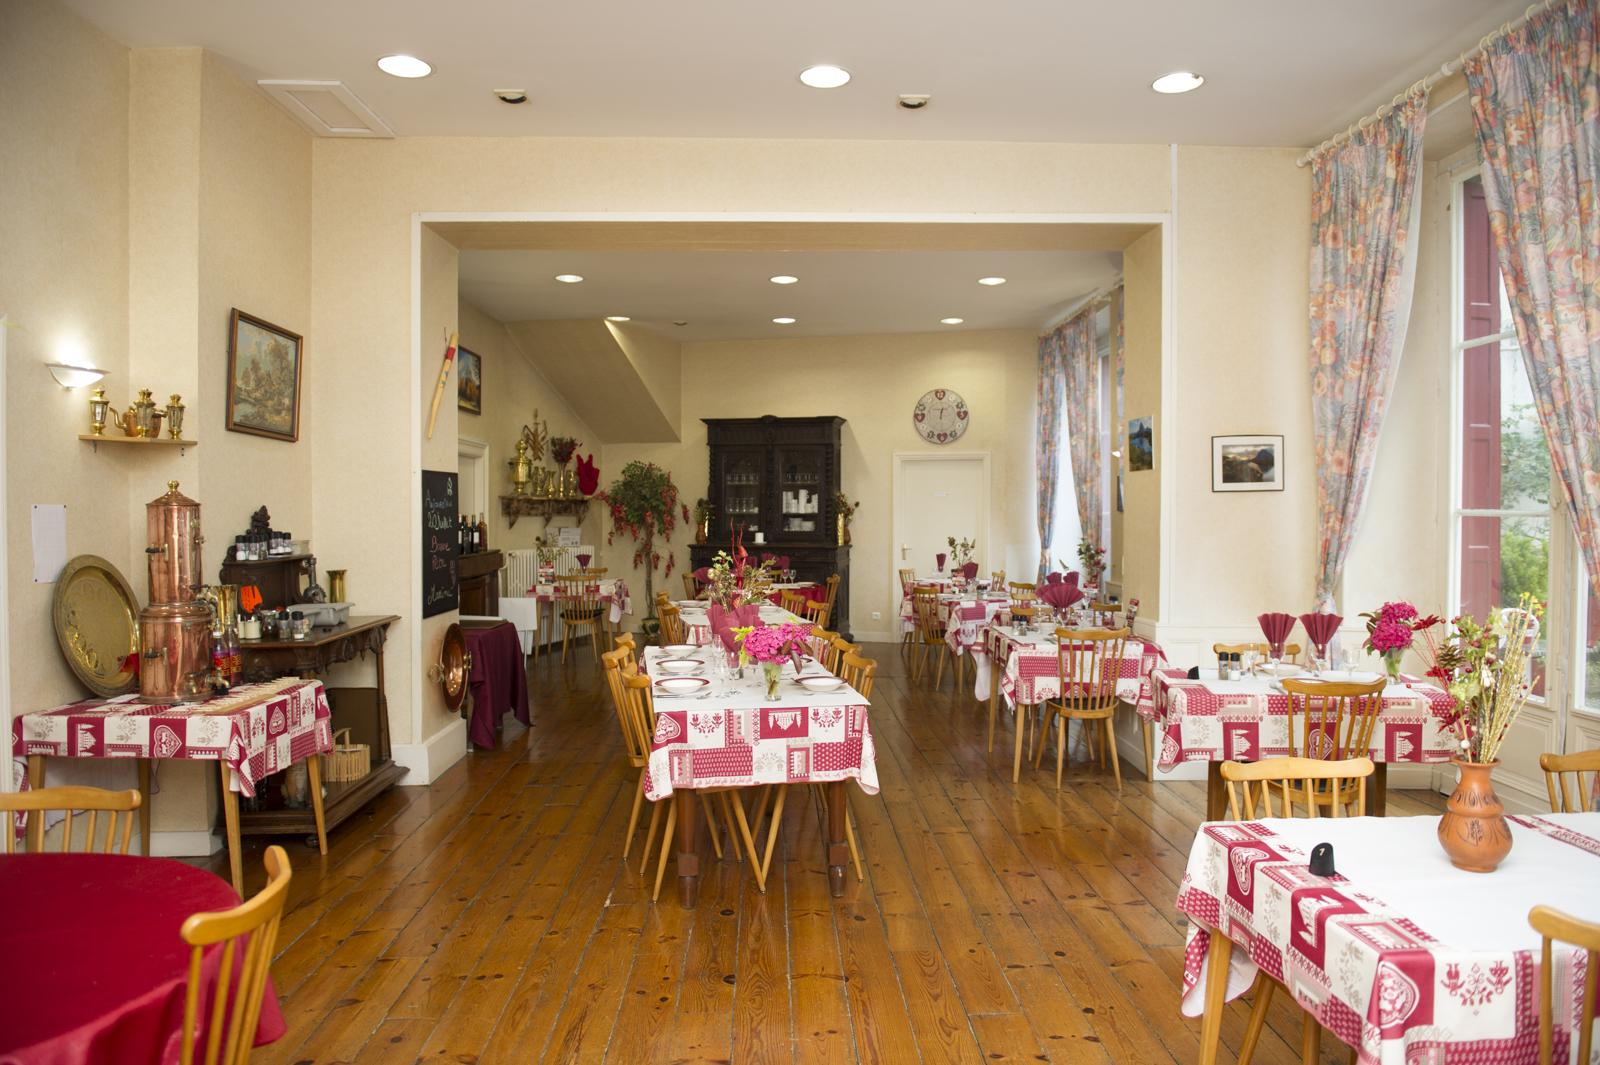 meilleure sélection 0b646 23eb1 Hôtel RICHELIEU – Hôtel restaurant à Eaux-Bonnes (64)